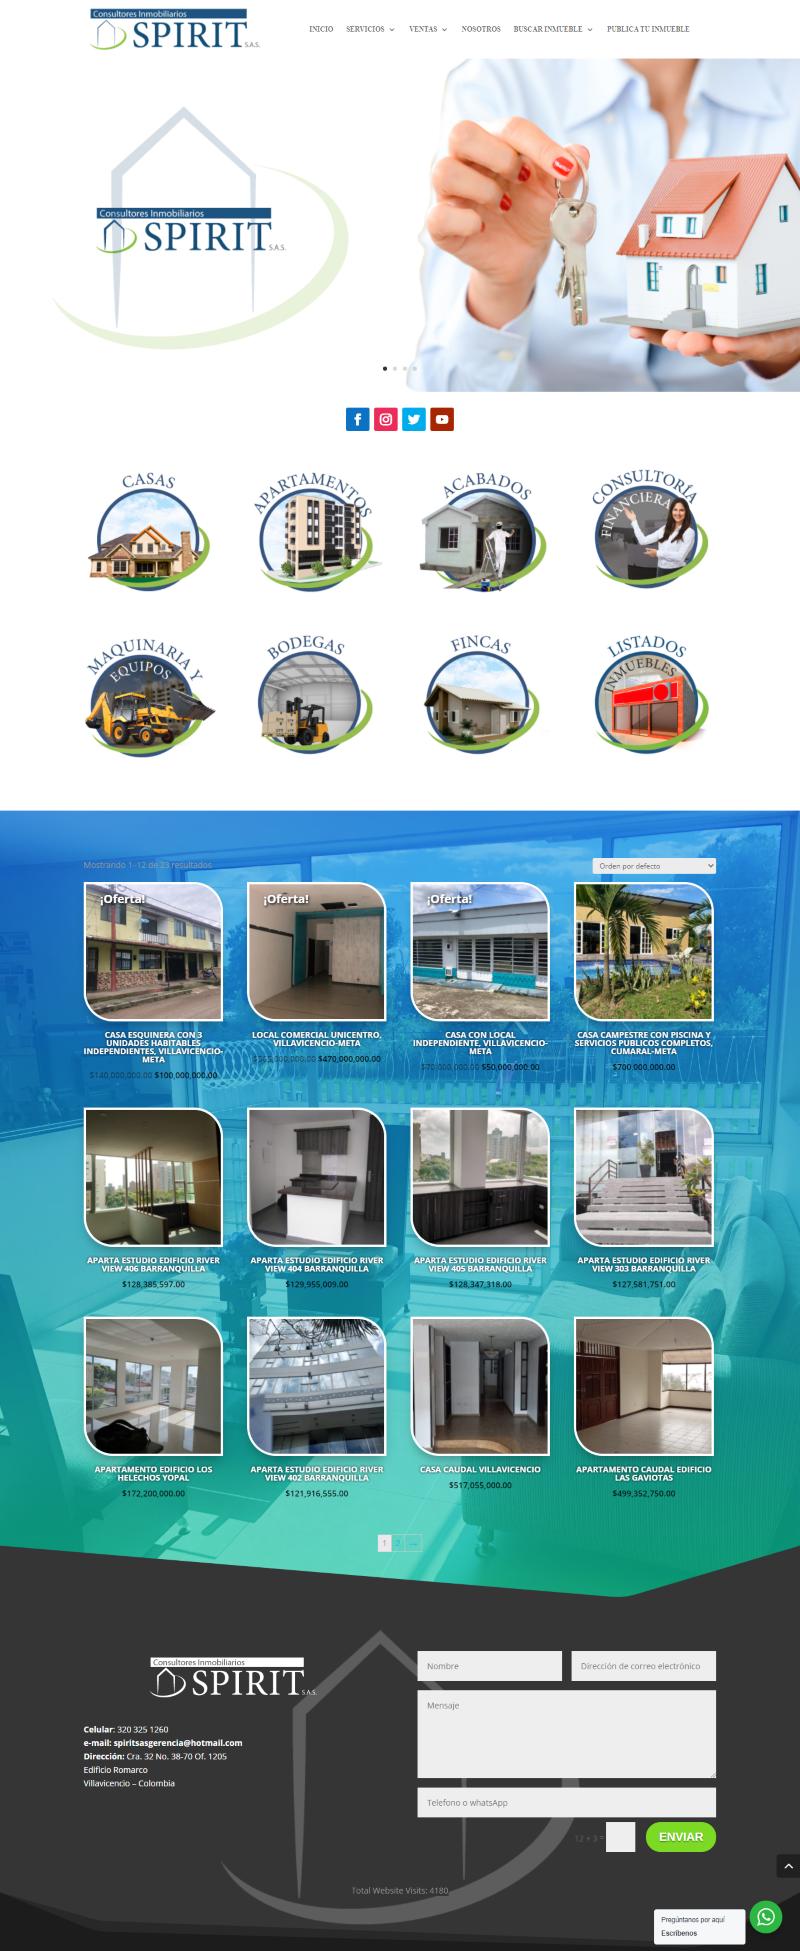 Spirit-Inmobiliaria-Casas-y-apartamentos-Villavicencio-Venta-de-casas-y-apartamentos-en-Villavicencio-y-Yopal-consultoria-financiera-alquile-de-maquinaria-para-construccion (Personalizado)